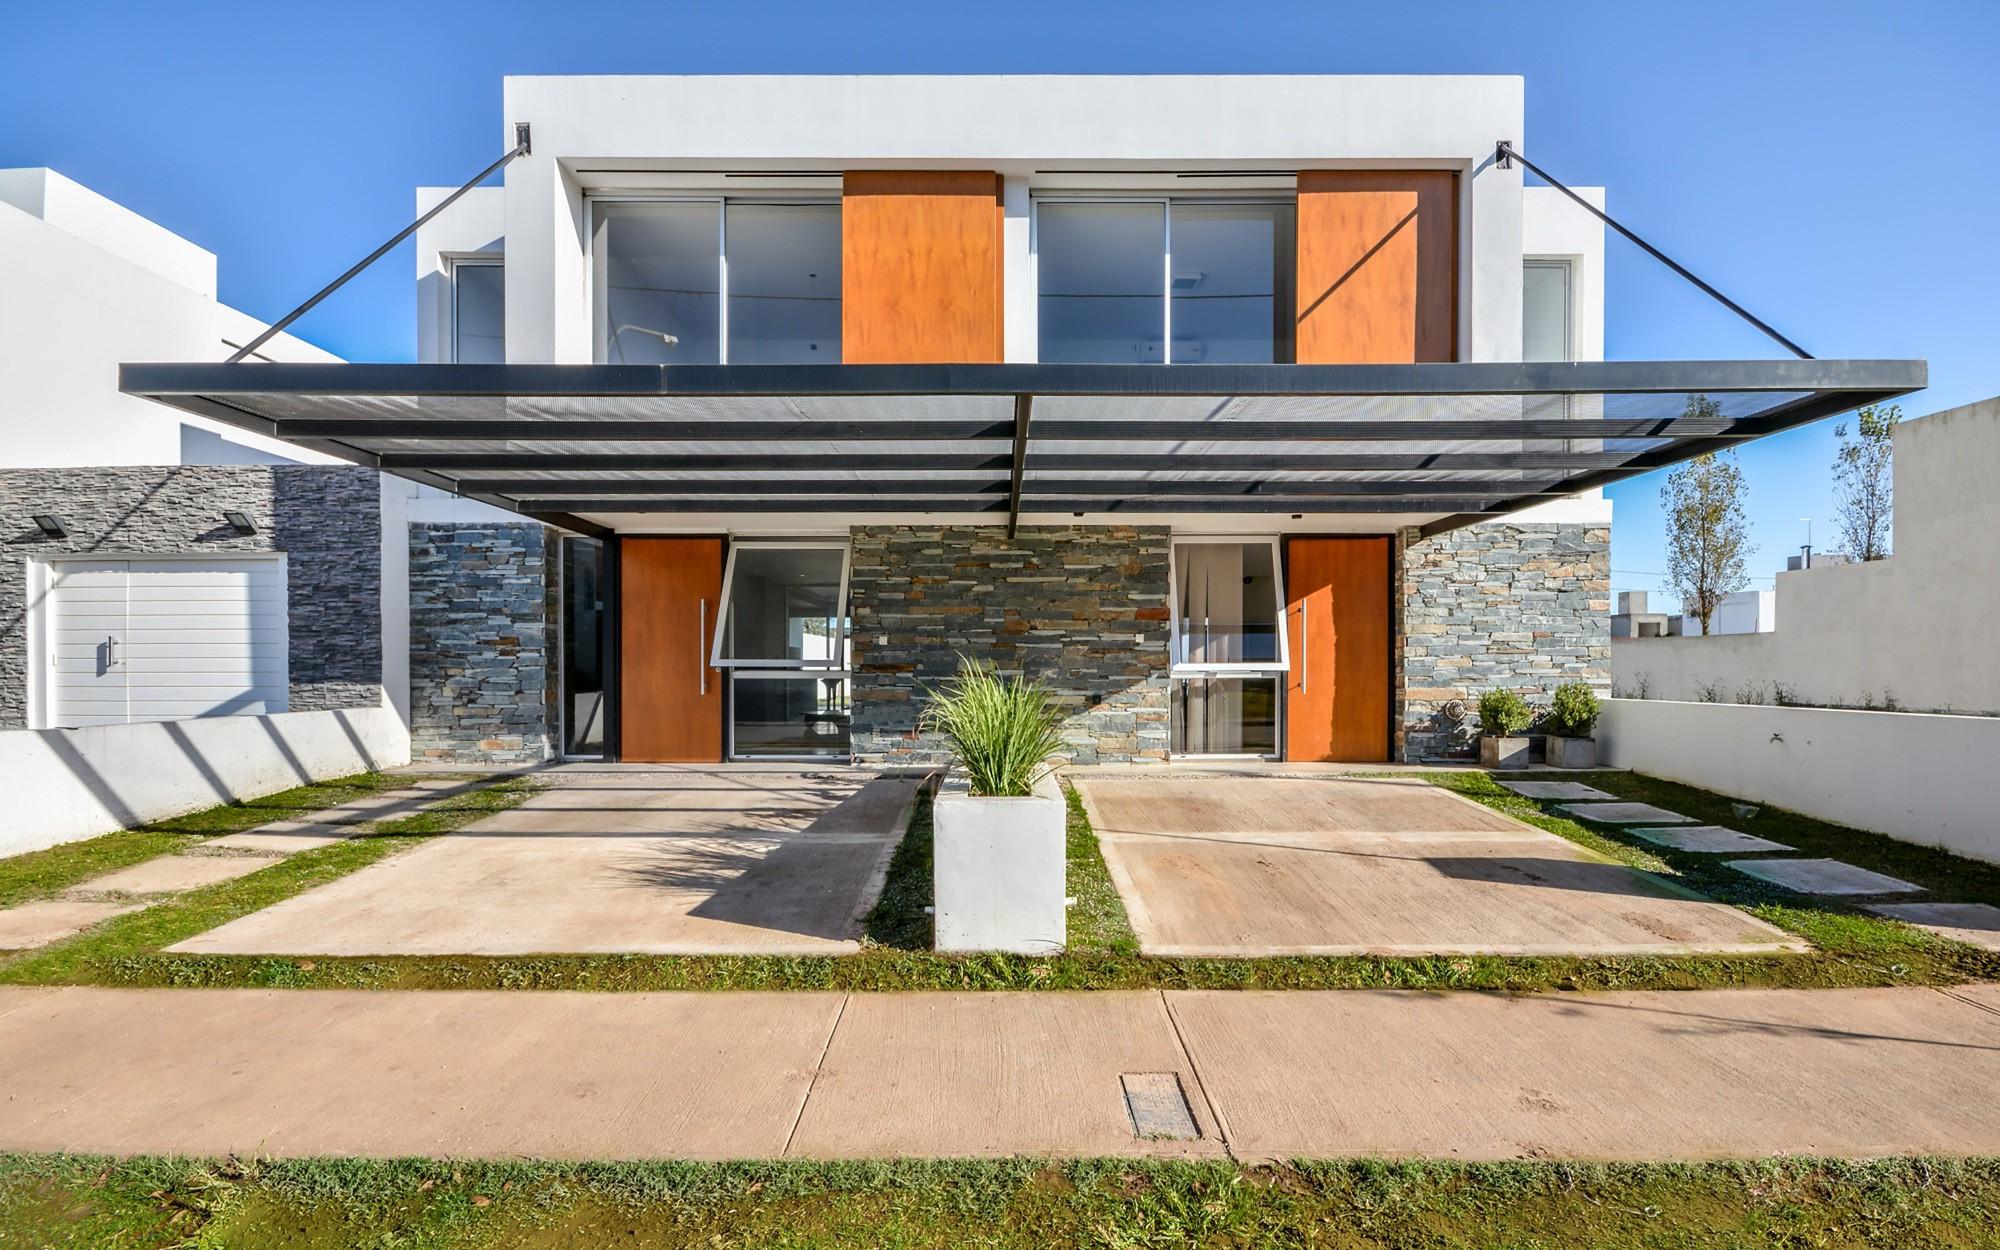 Diseños De Escritorios Dwdk Dise Os De Fachadas Para Casas Modernas Archivos C3 B1os Peque B1as